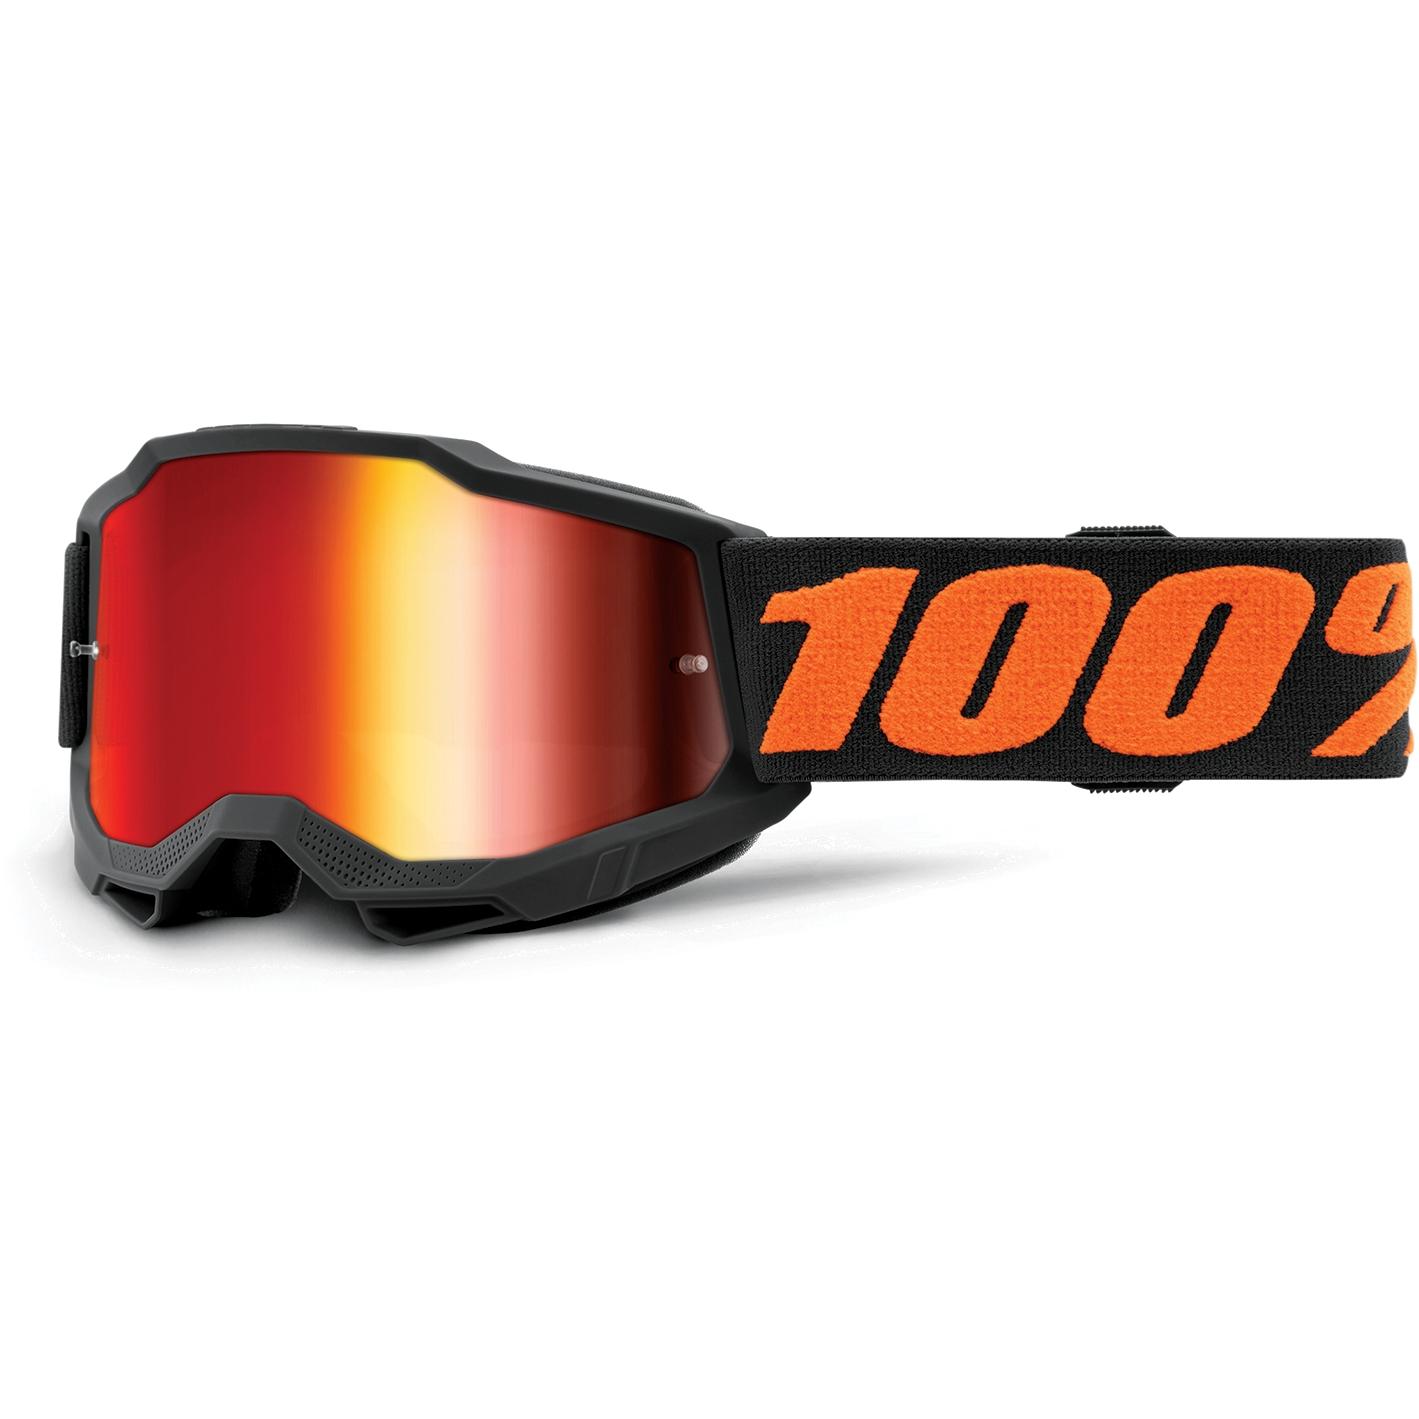 100% Accuri 2 Goggle Mirror Lens Gafas para niños - Chicago - Red Mirror